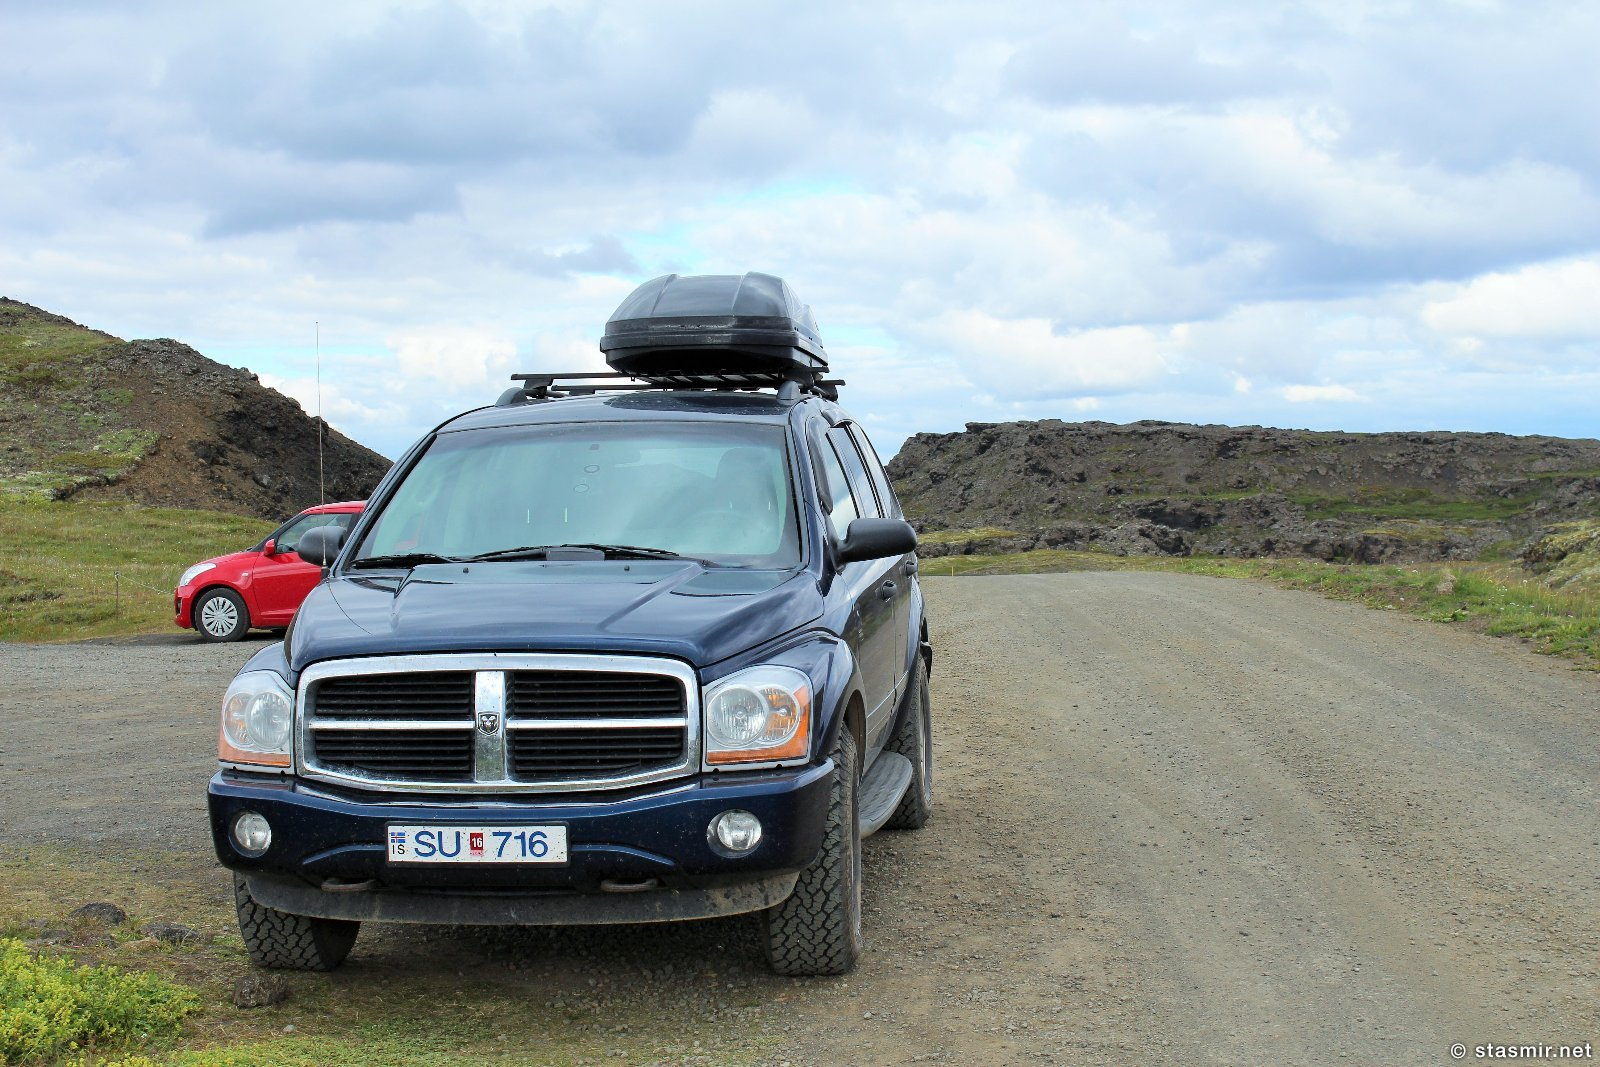 Джип Dodge Durango SU-716 где-то в полях исландской лавы, фото Стасмир, Photo Stasmir